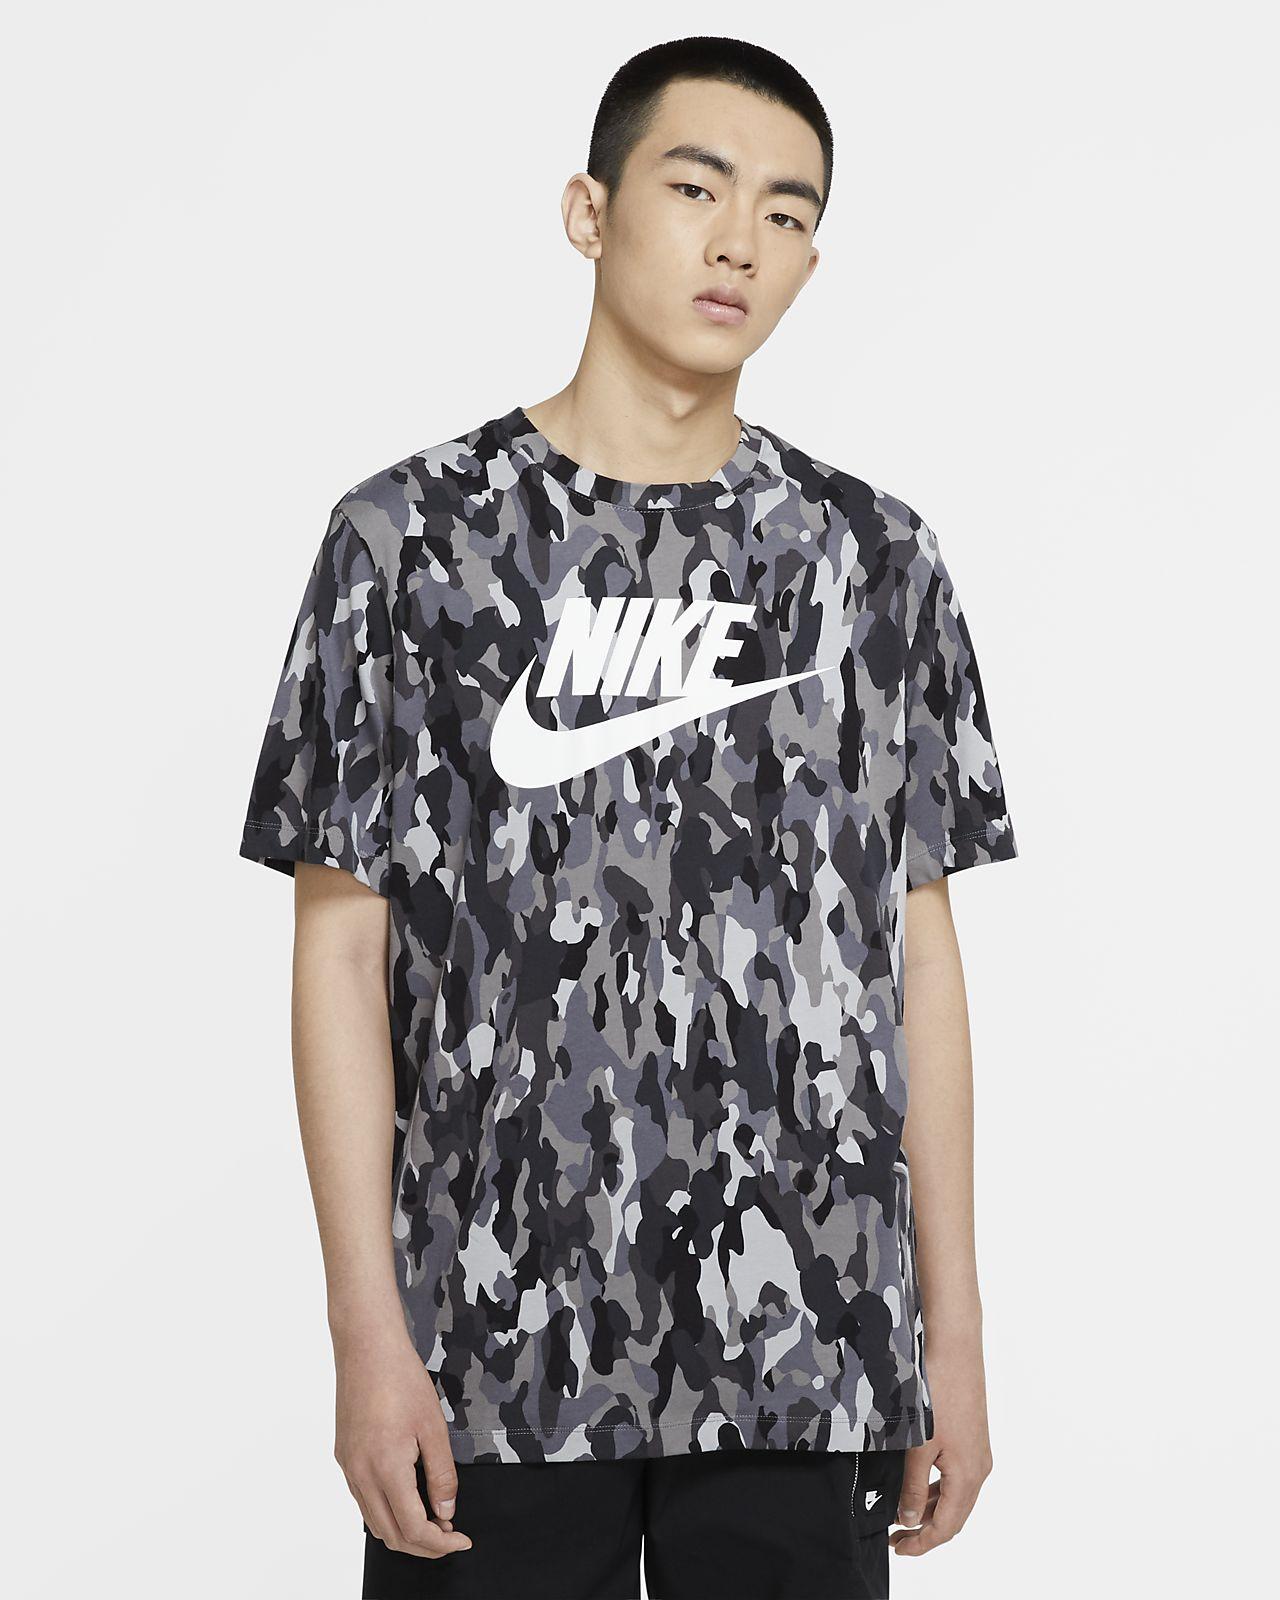 Nike Sportswear Men's Printed Camo T-Shirt